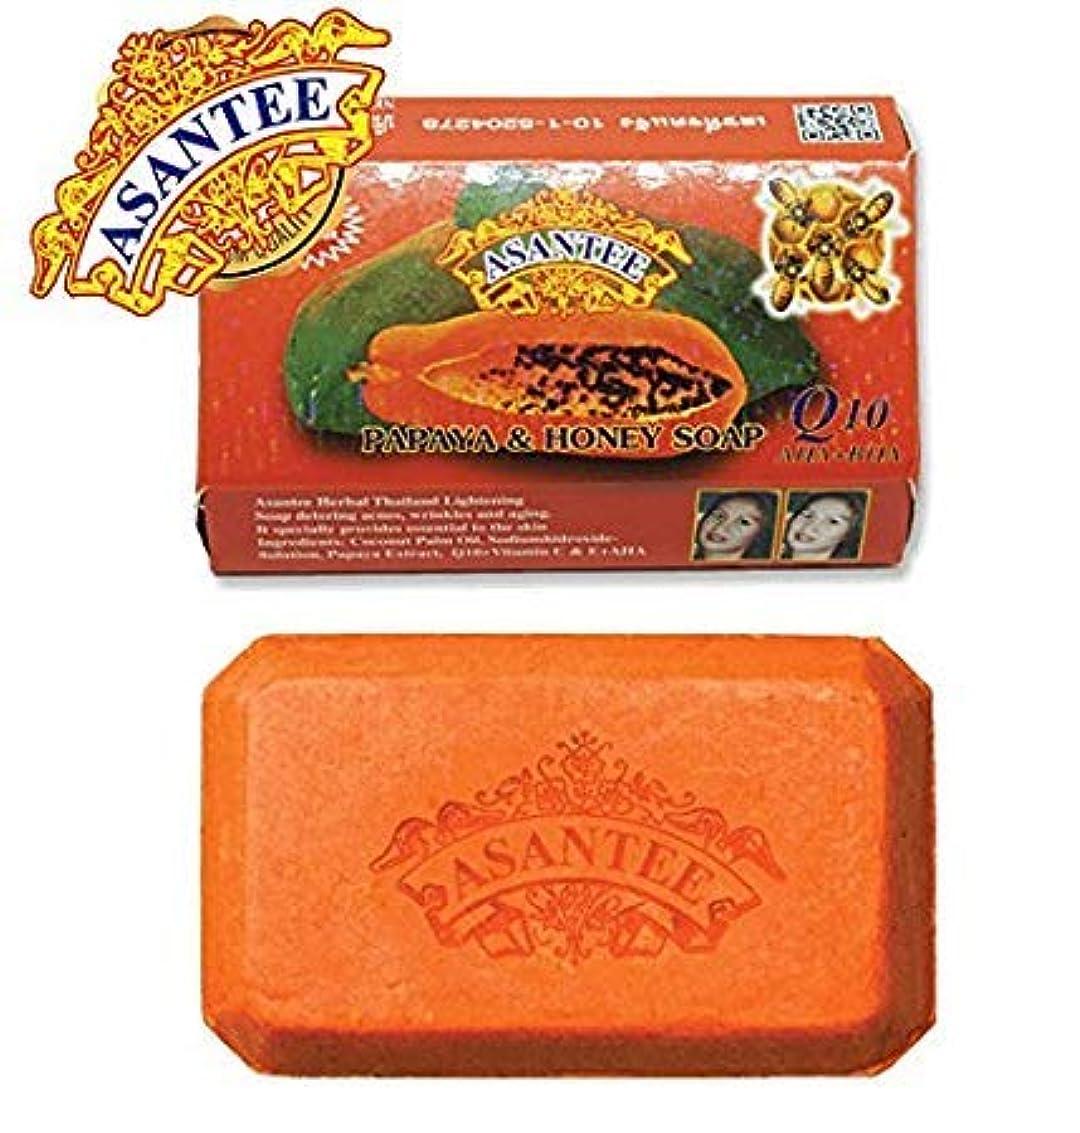 ストライク祈る交響曲Asantee Thai Papaya Herbal Skin Whitening Soap 135g (1 pcs)